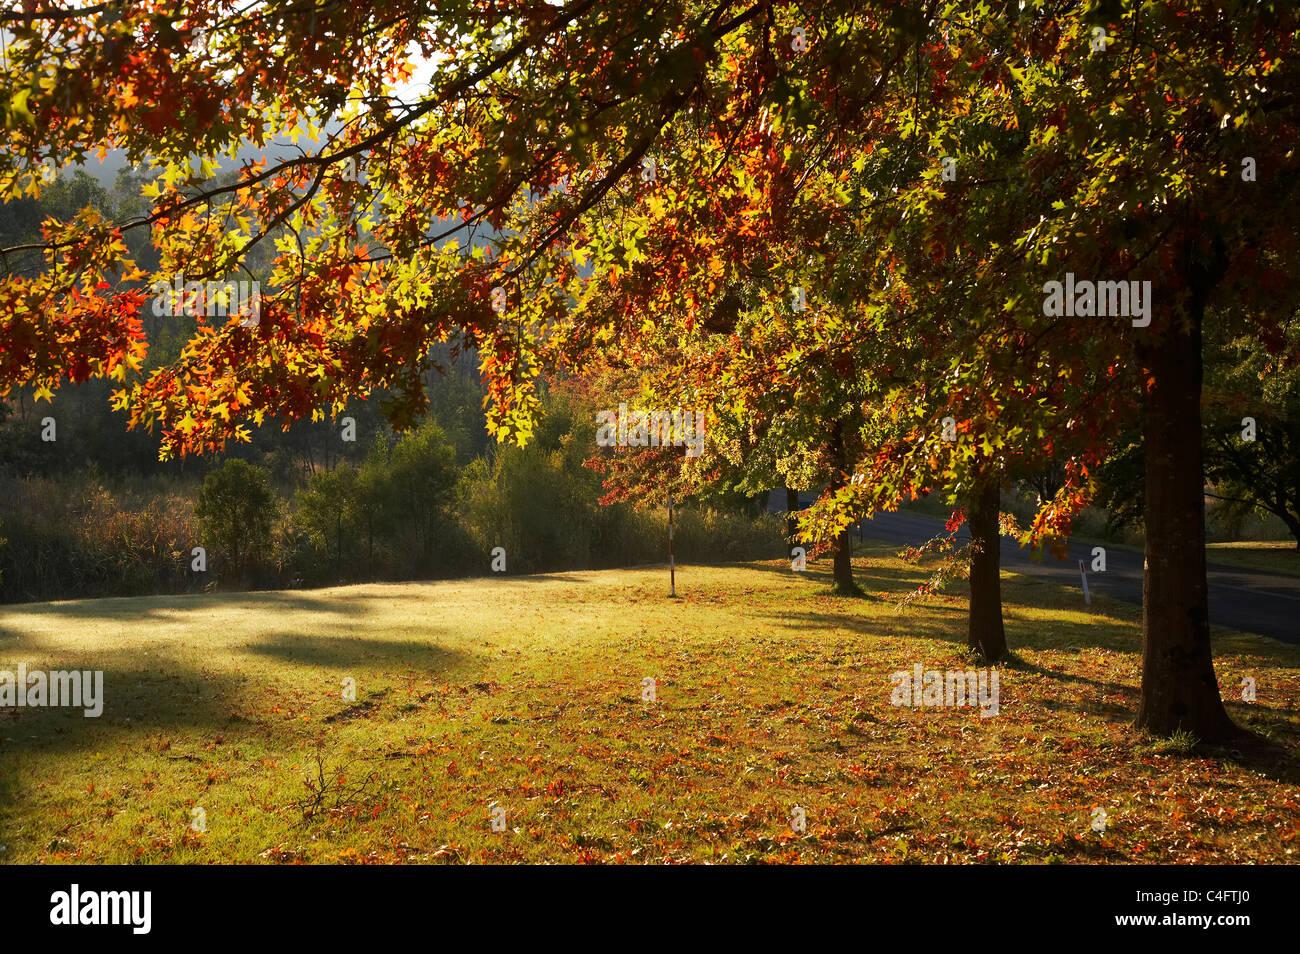 Autumn Trees in Khancoban, Snowy Mountains, New South Wales, Australia Stock Photo